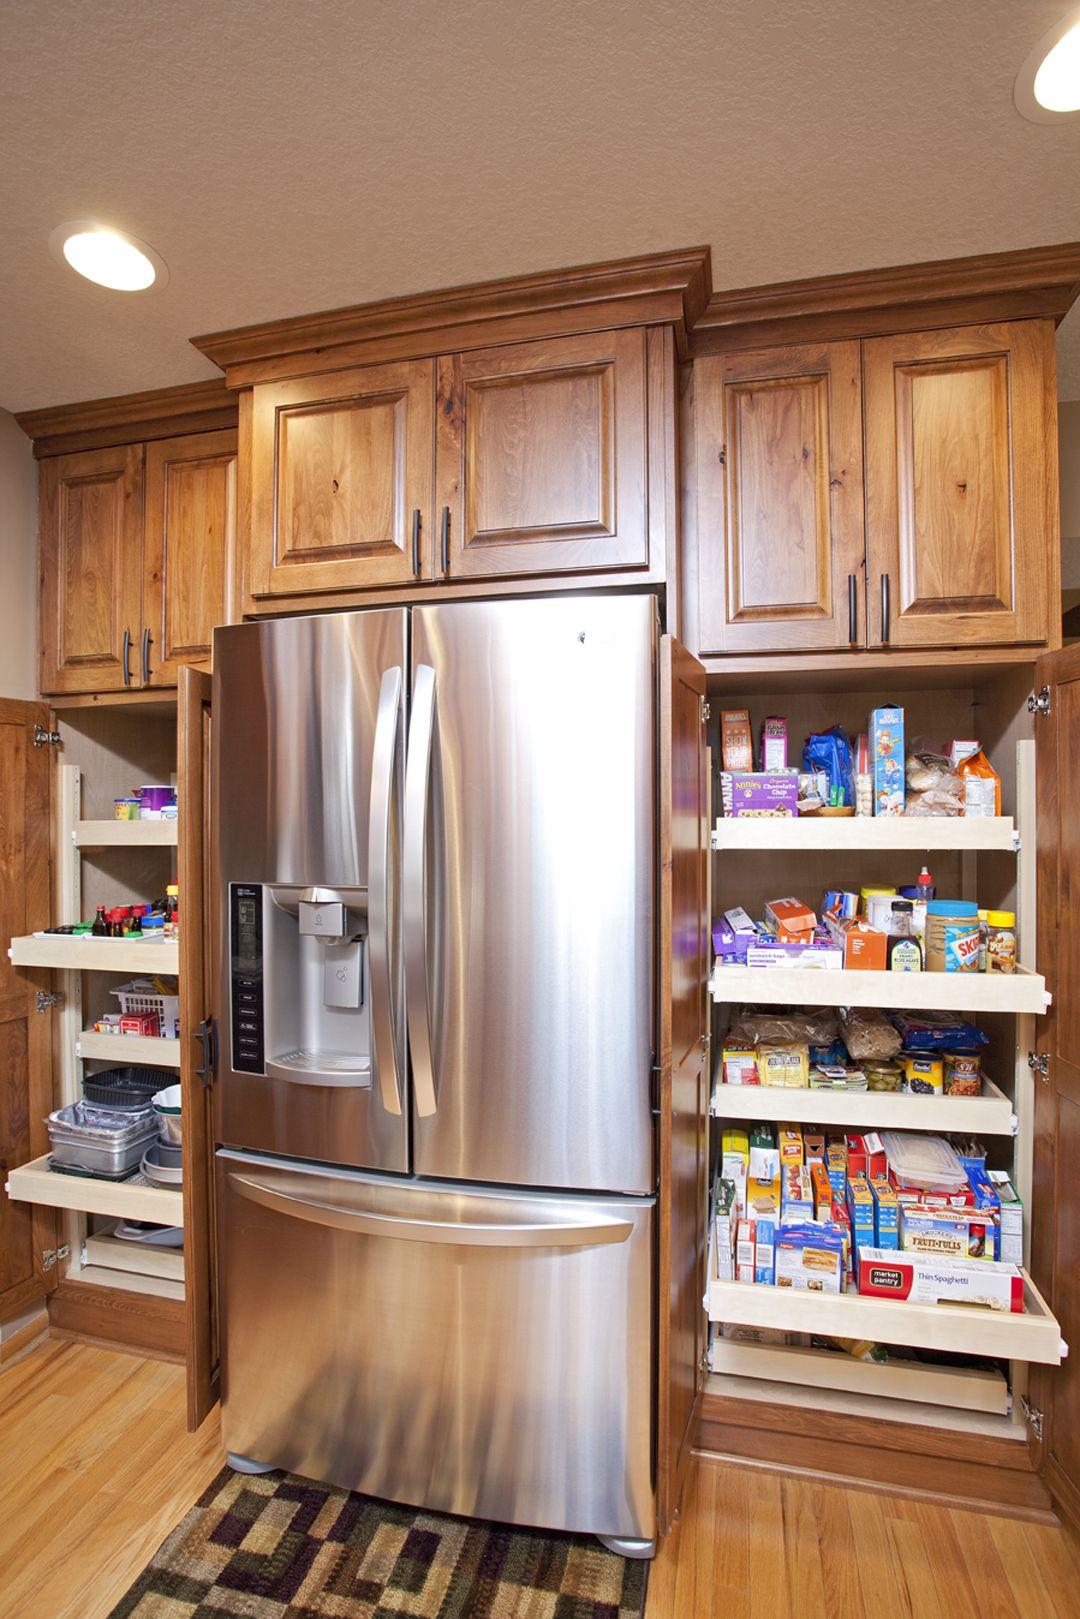 Anderson 024 | Kitchen interior, Kitchen